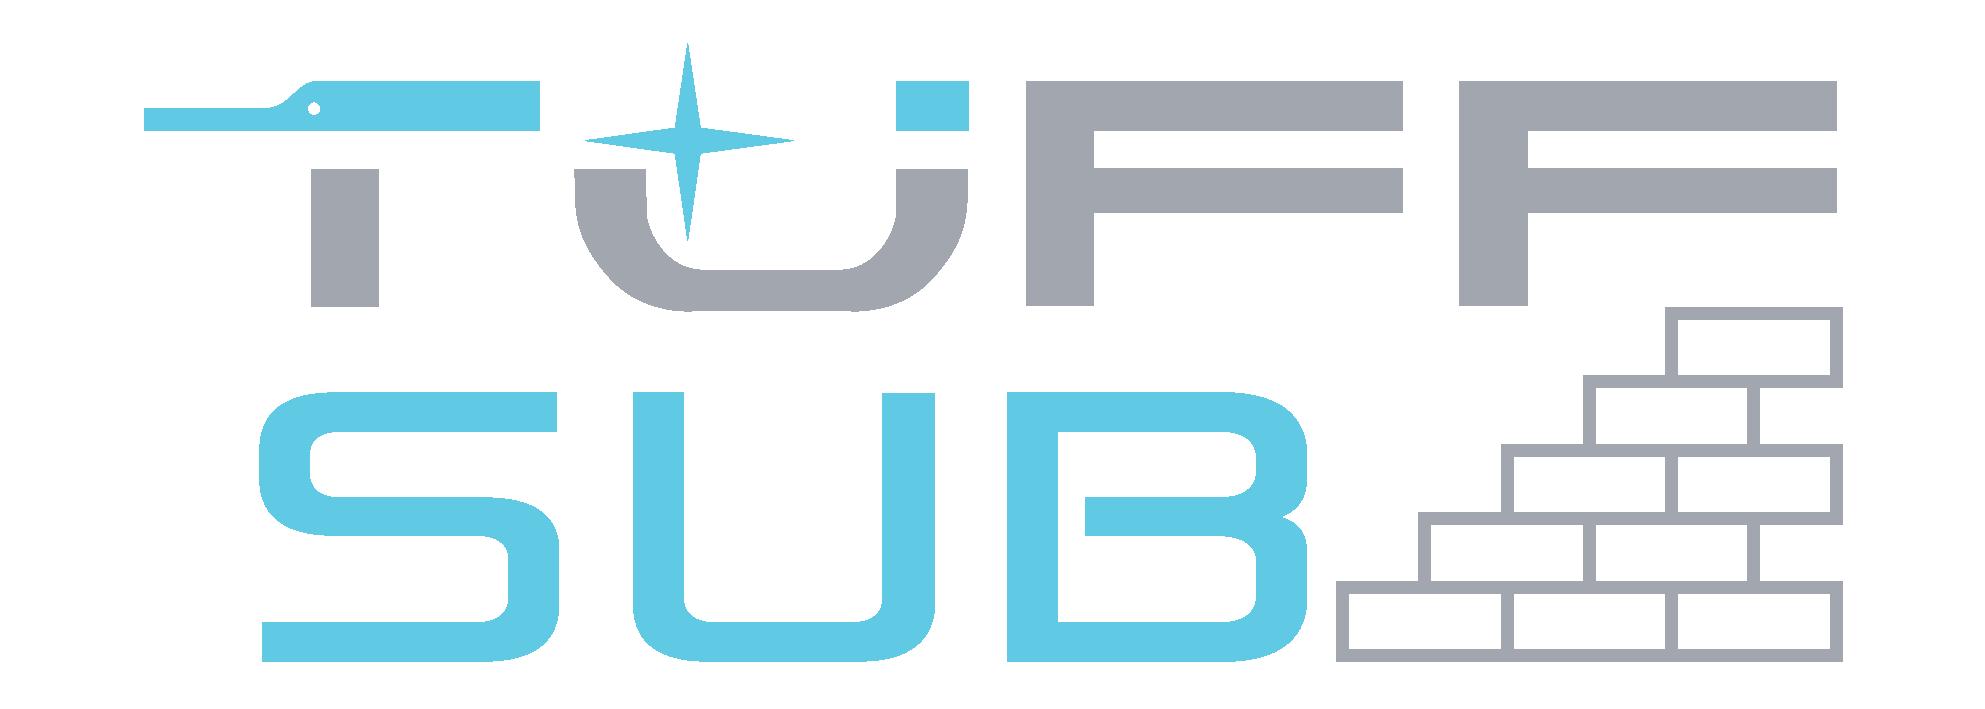 TuffSub